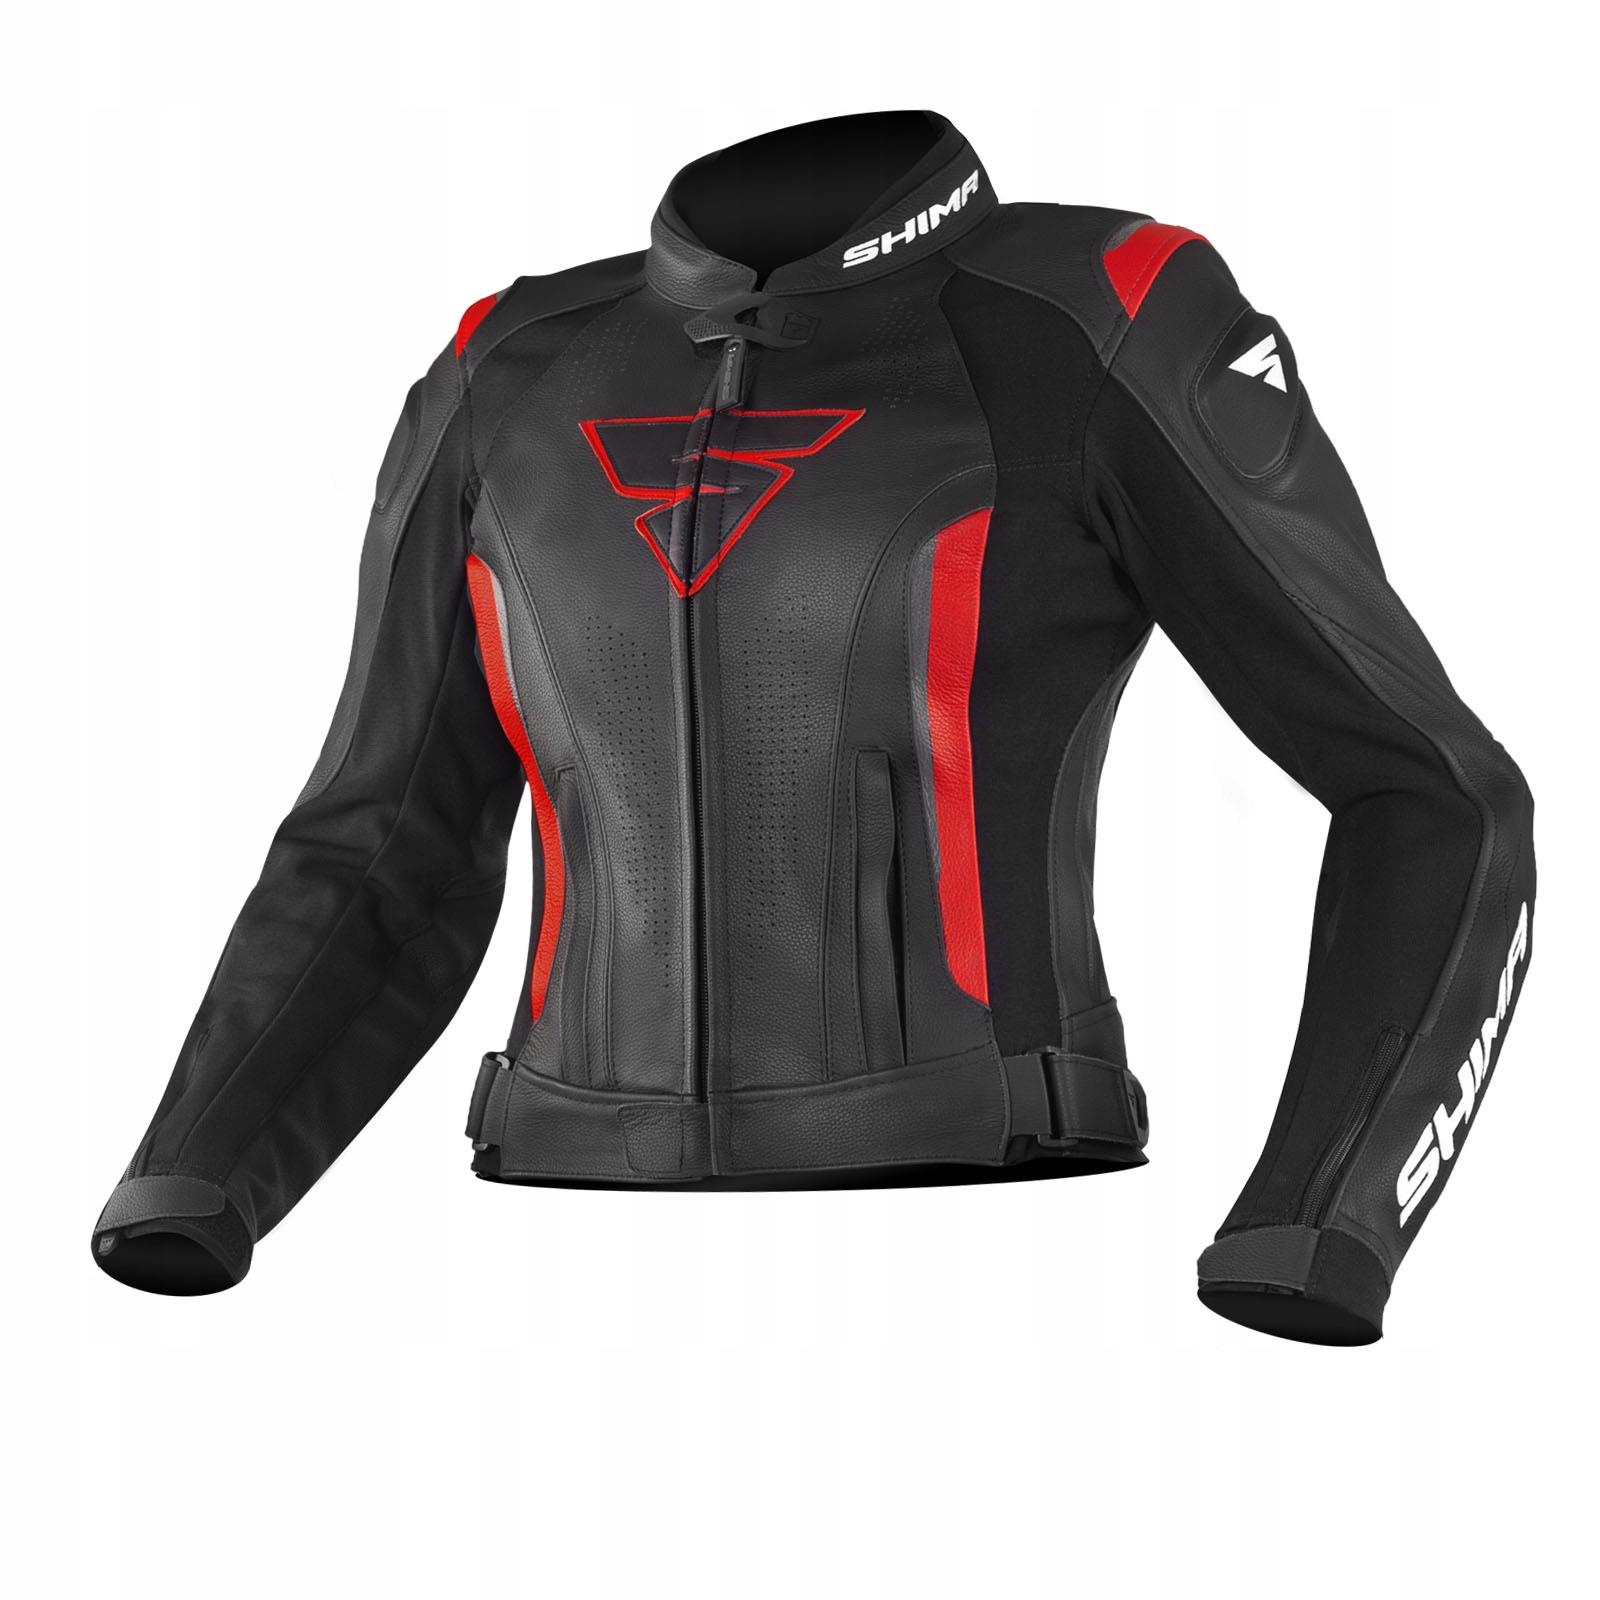 Shima miura куртка мотоциклетная кожанная 38 gratisy, фото 0